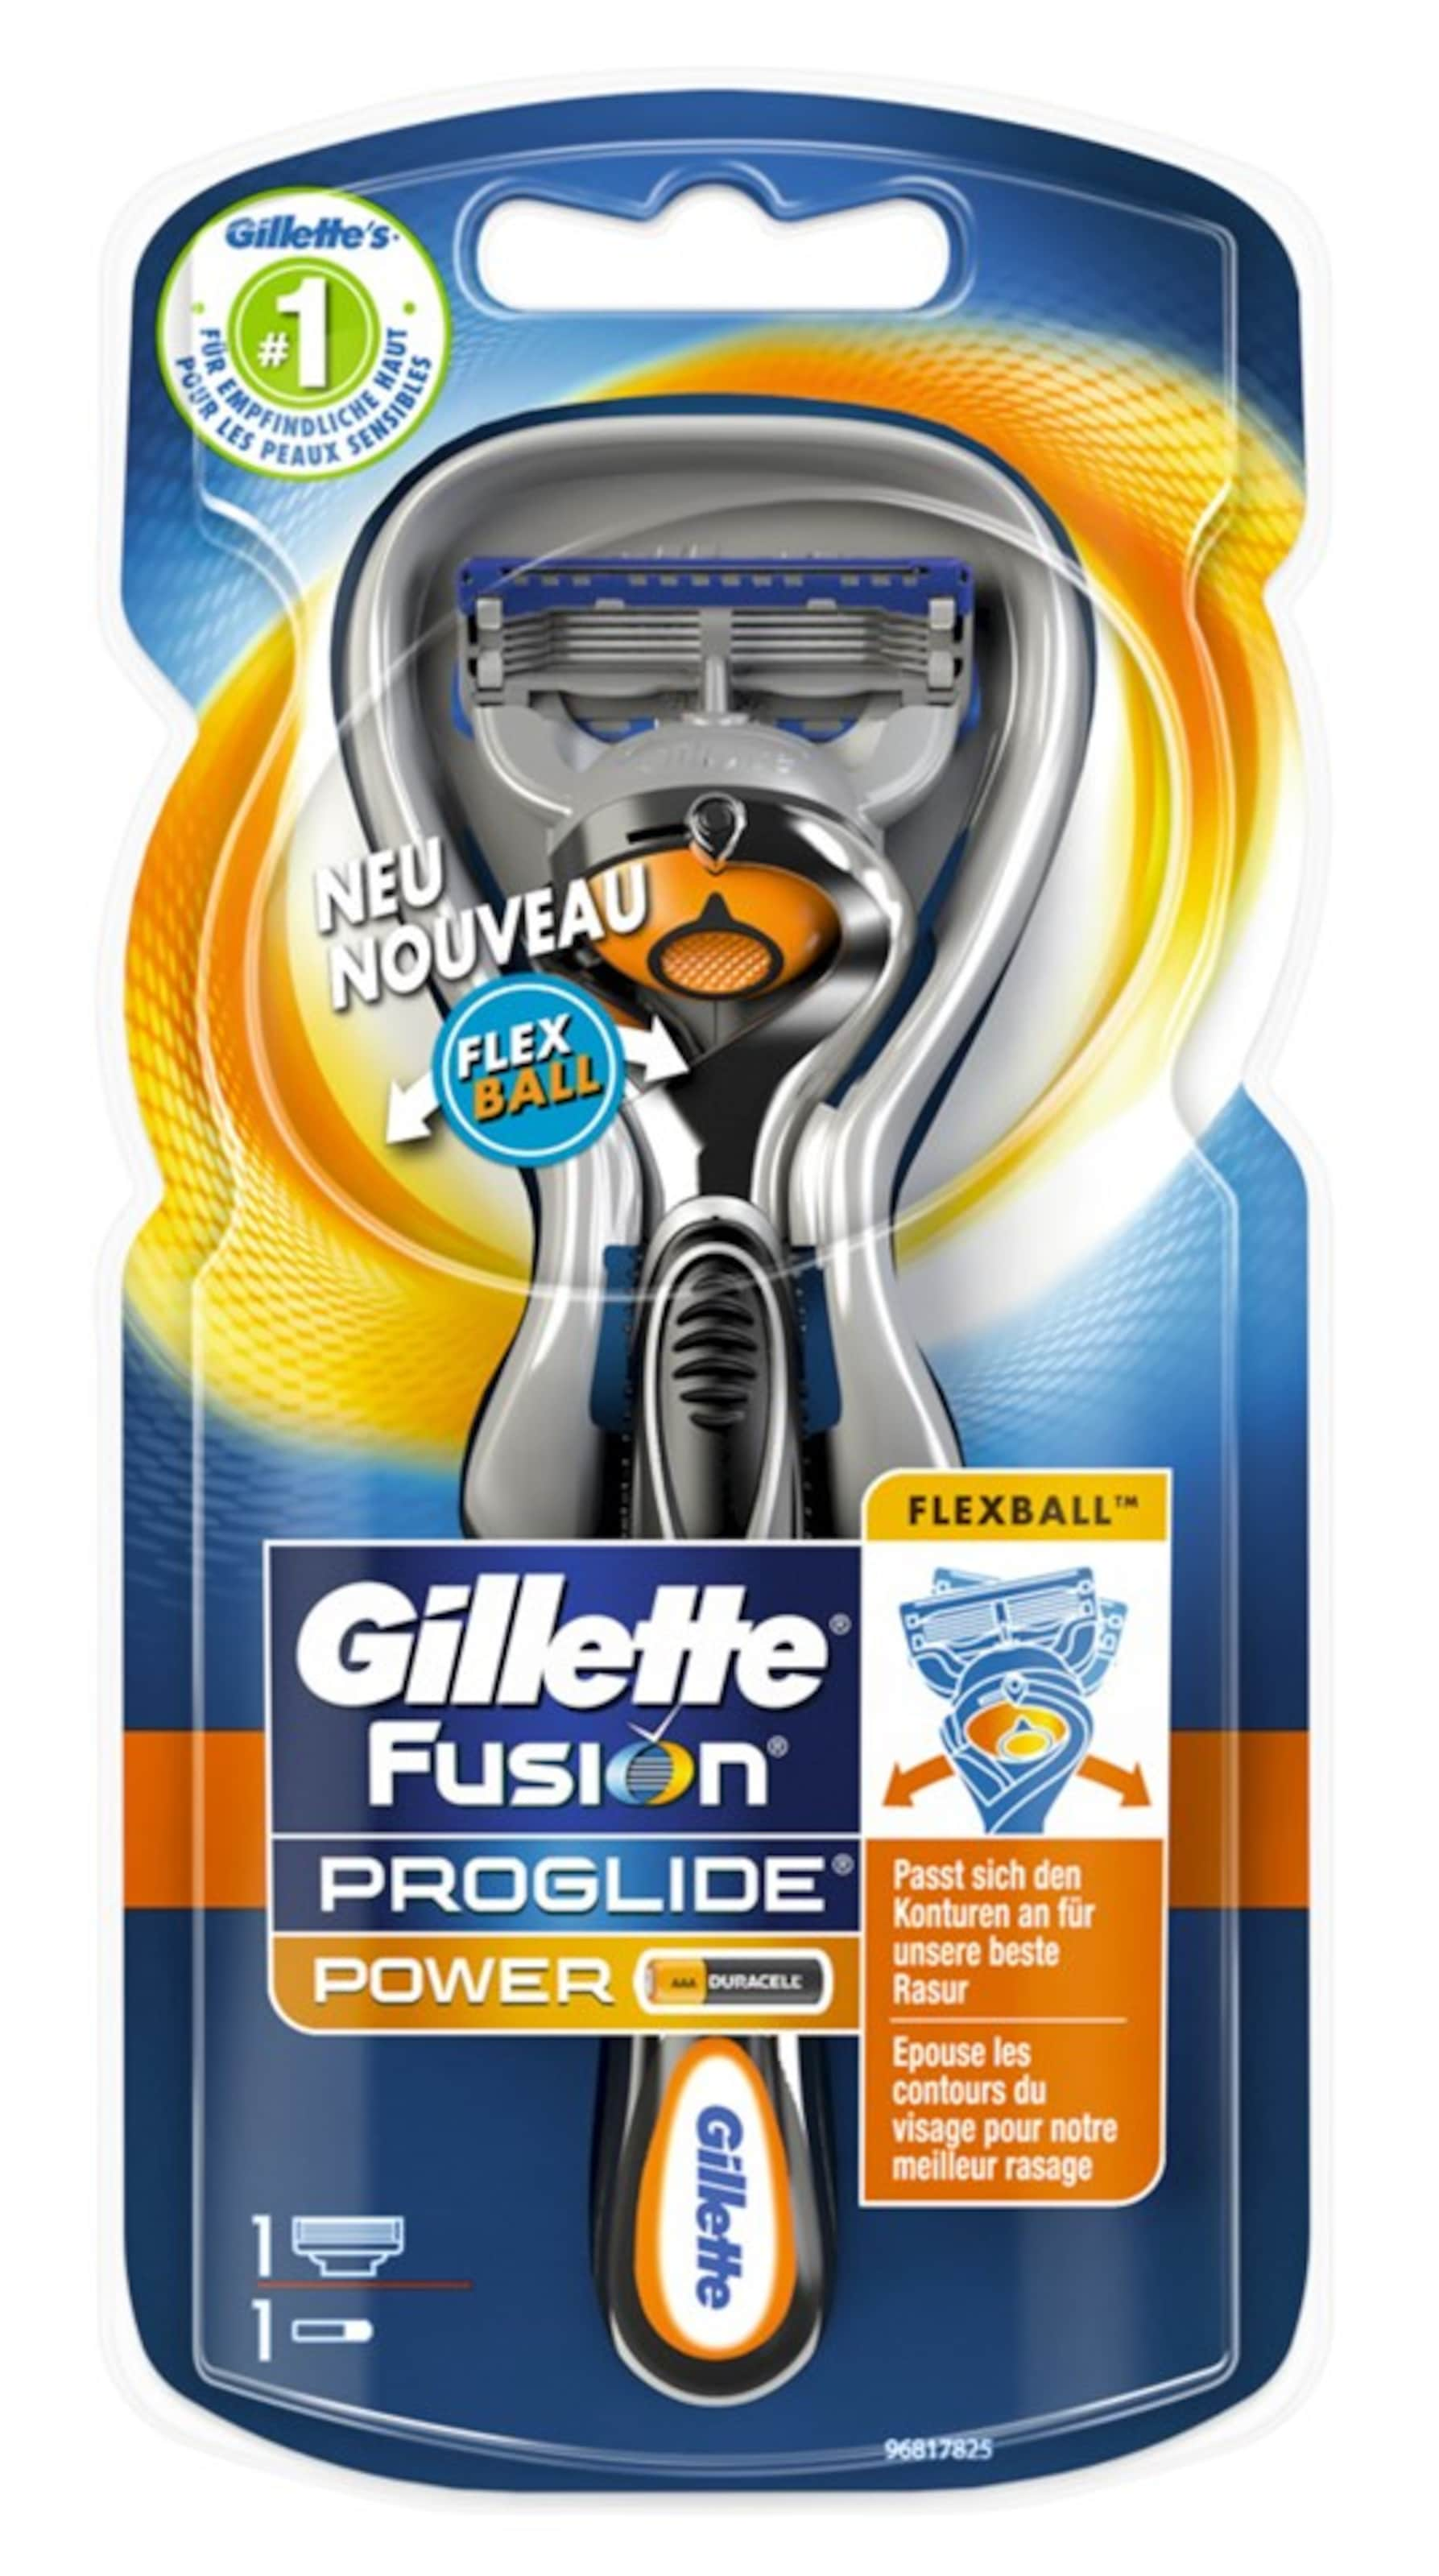 Gillette 'Fusion ProGlide Power', Rasierer mit Flexball-Technologie